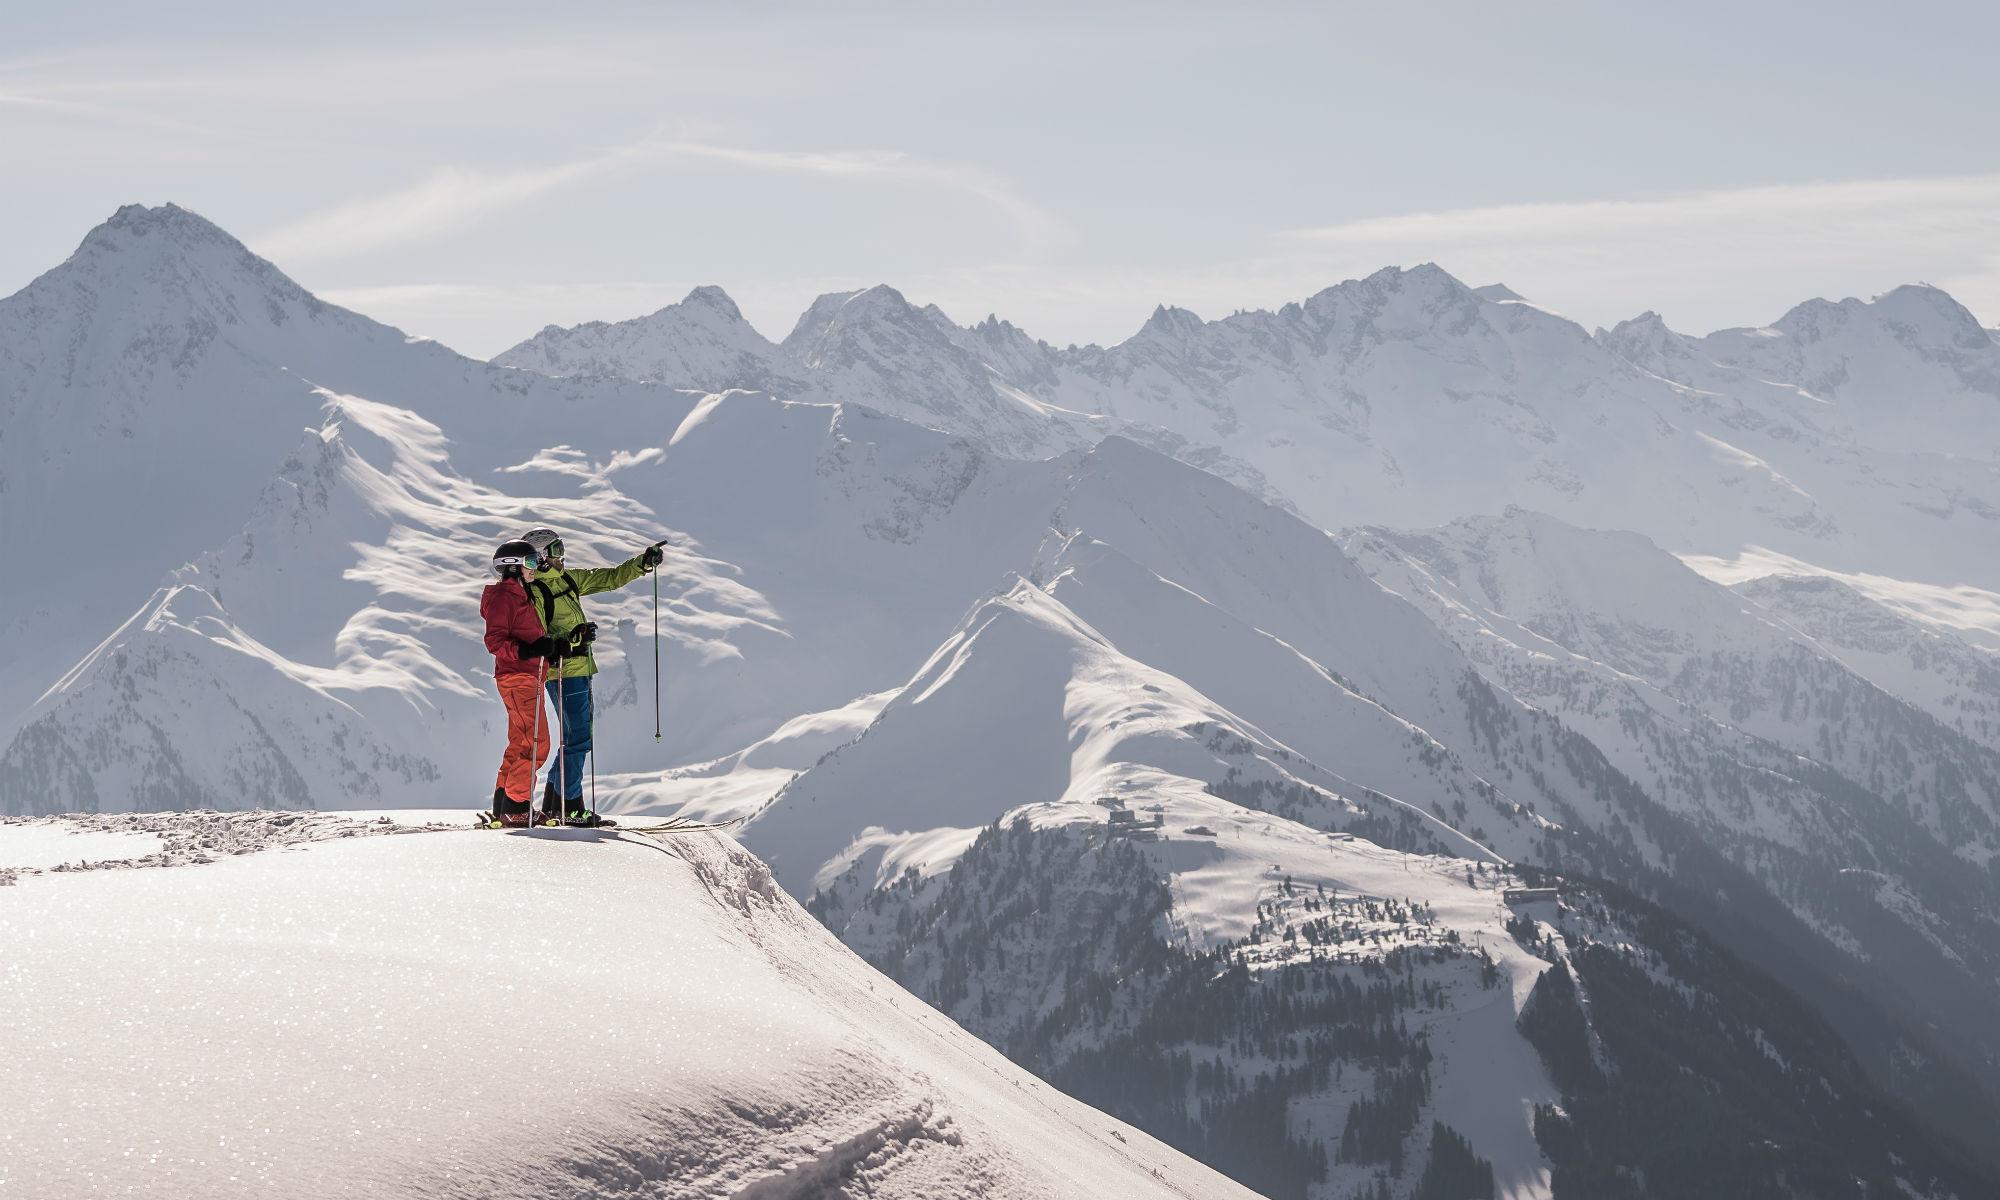 2 Freeride Skifahrer genießen den Ausblick auf das umliegende Bergpanorama im Zillertal.